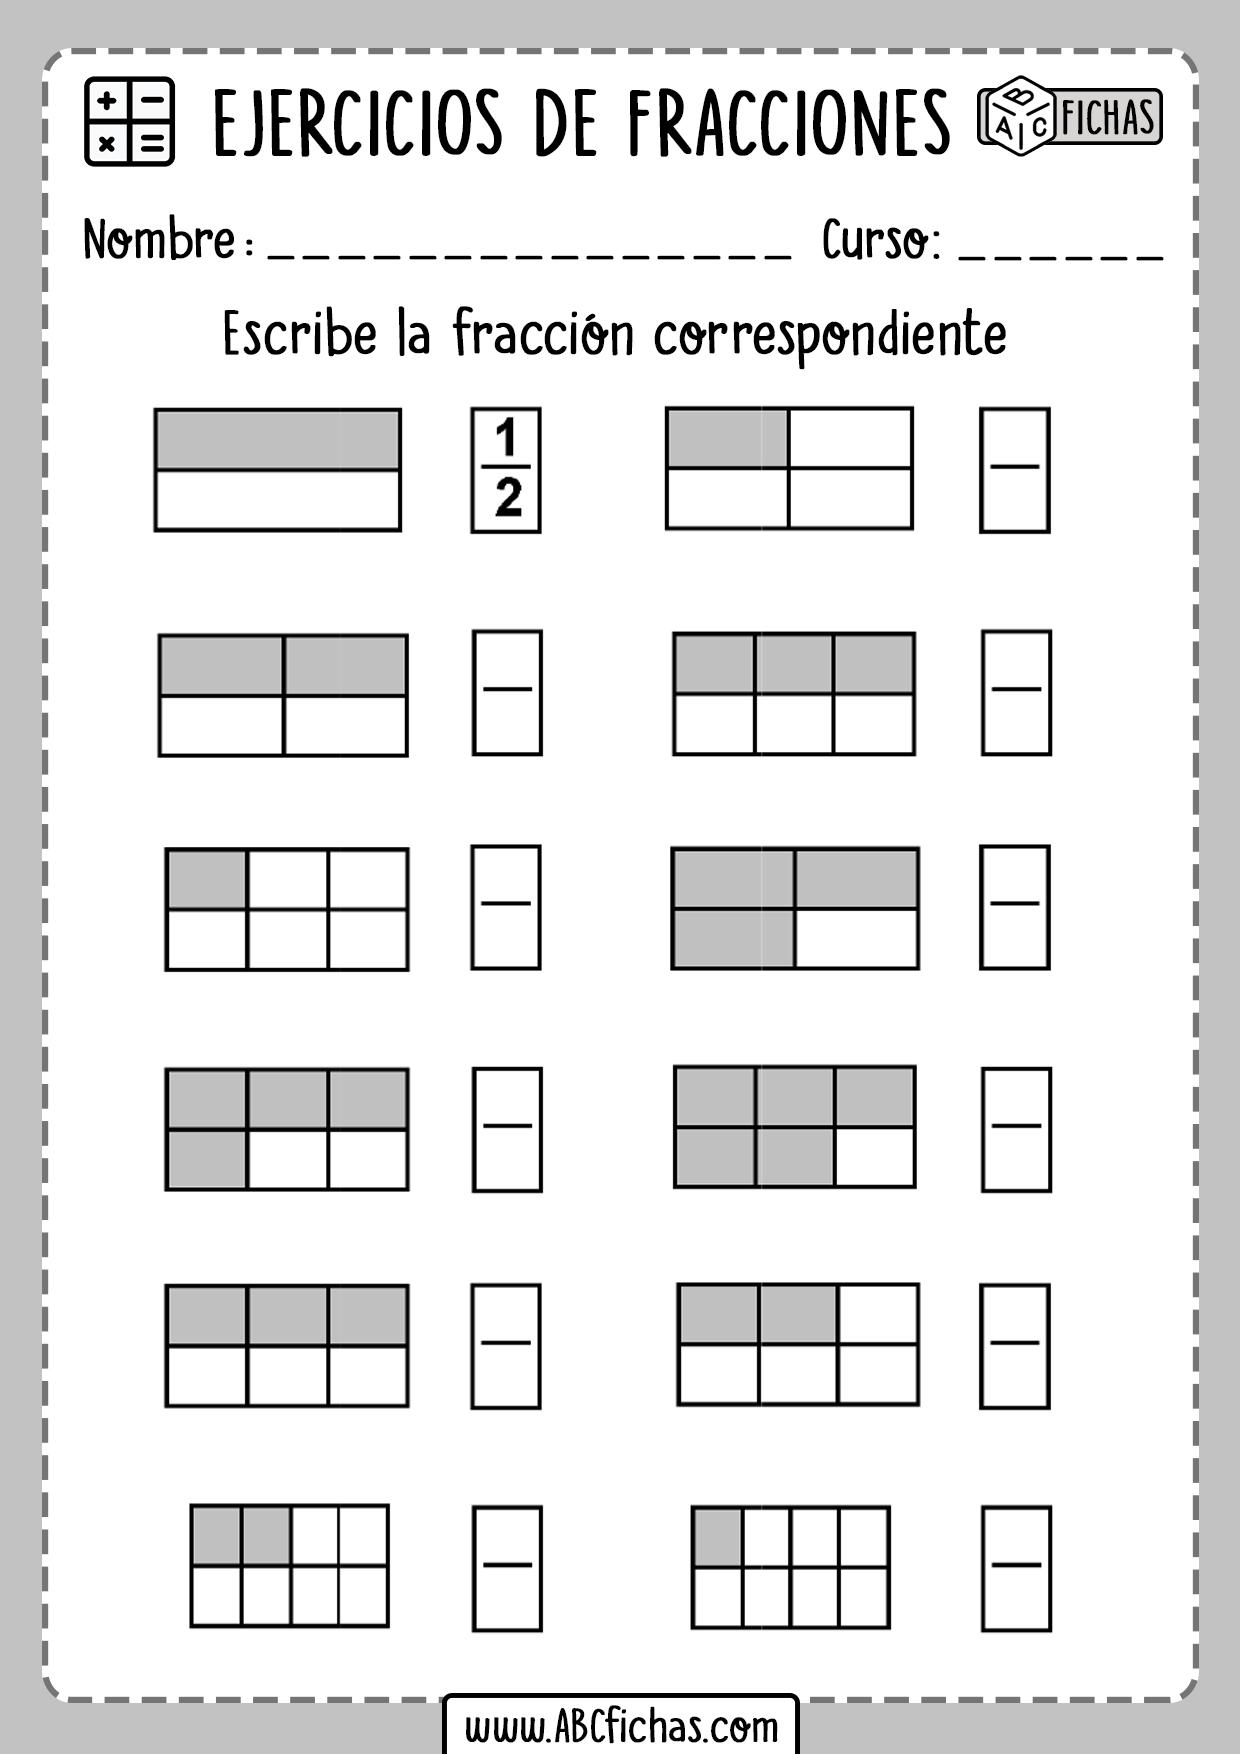 Fichas con ejercicios de fracciones